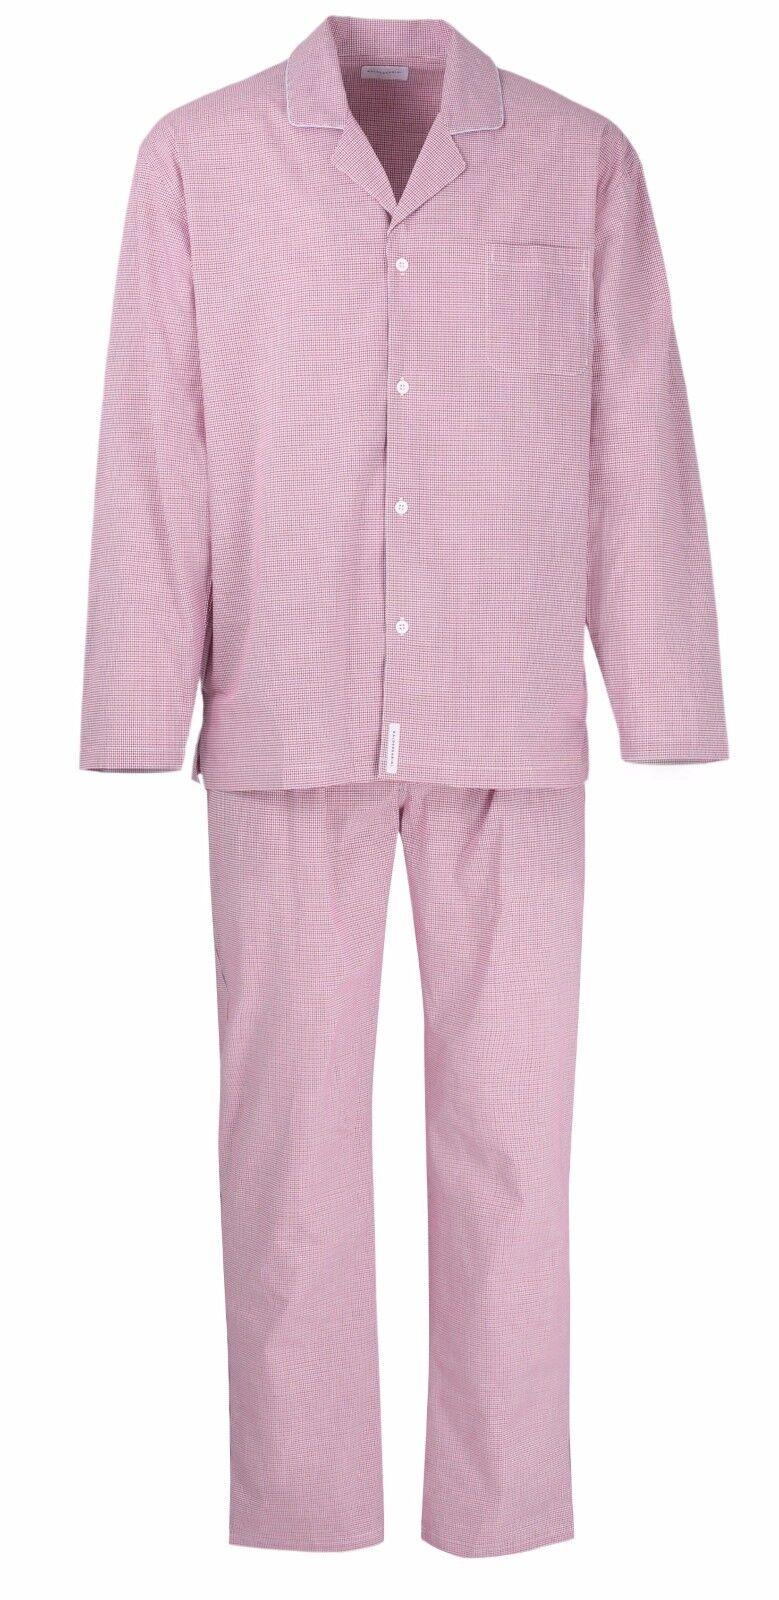 Baldessarini Herren Schlafanzug Pyjama kariert 95010 424